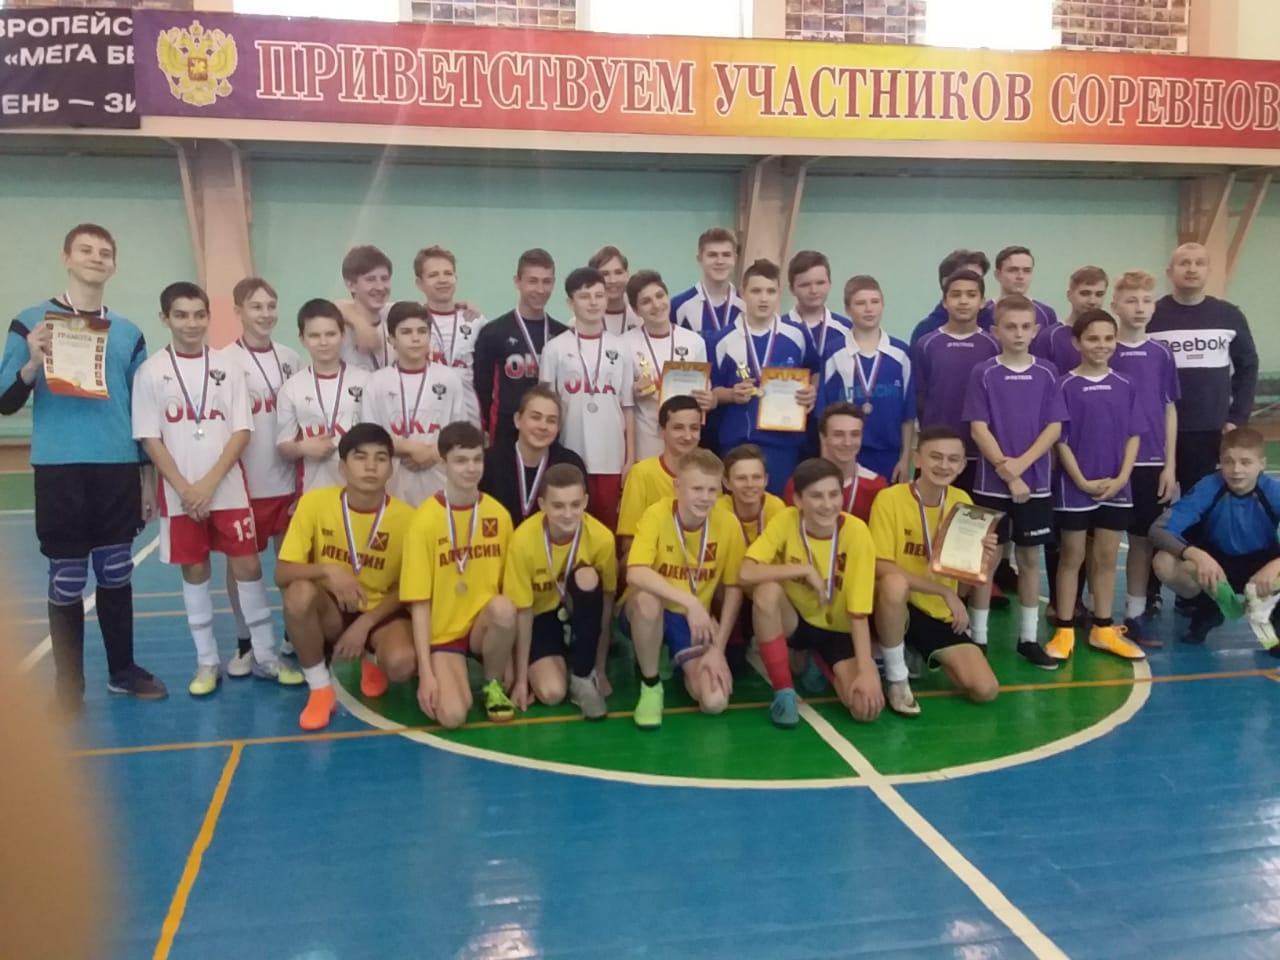 Открытое первенство ДЮСШ № 3 «Атлет» по мини-футболу